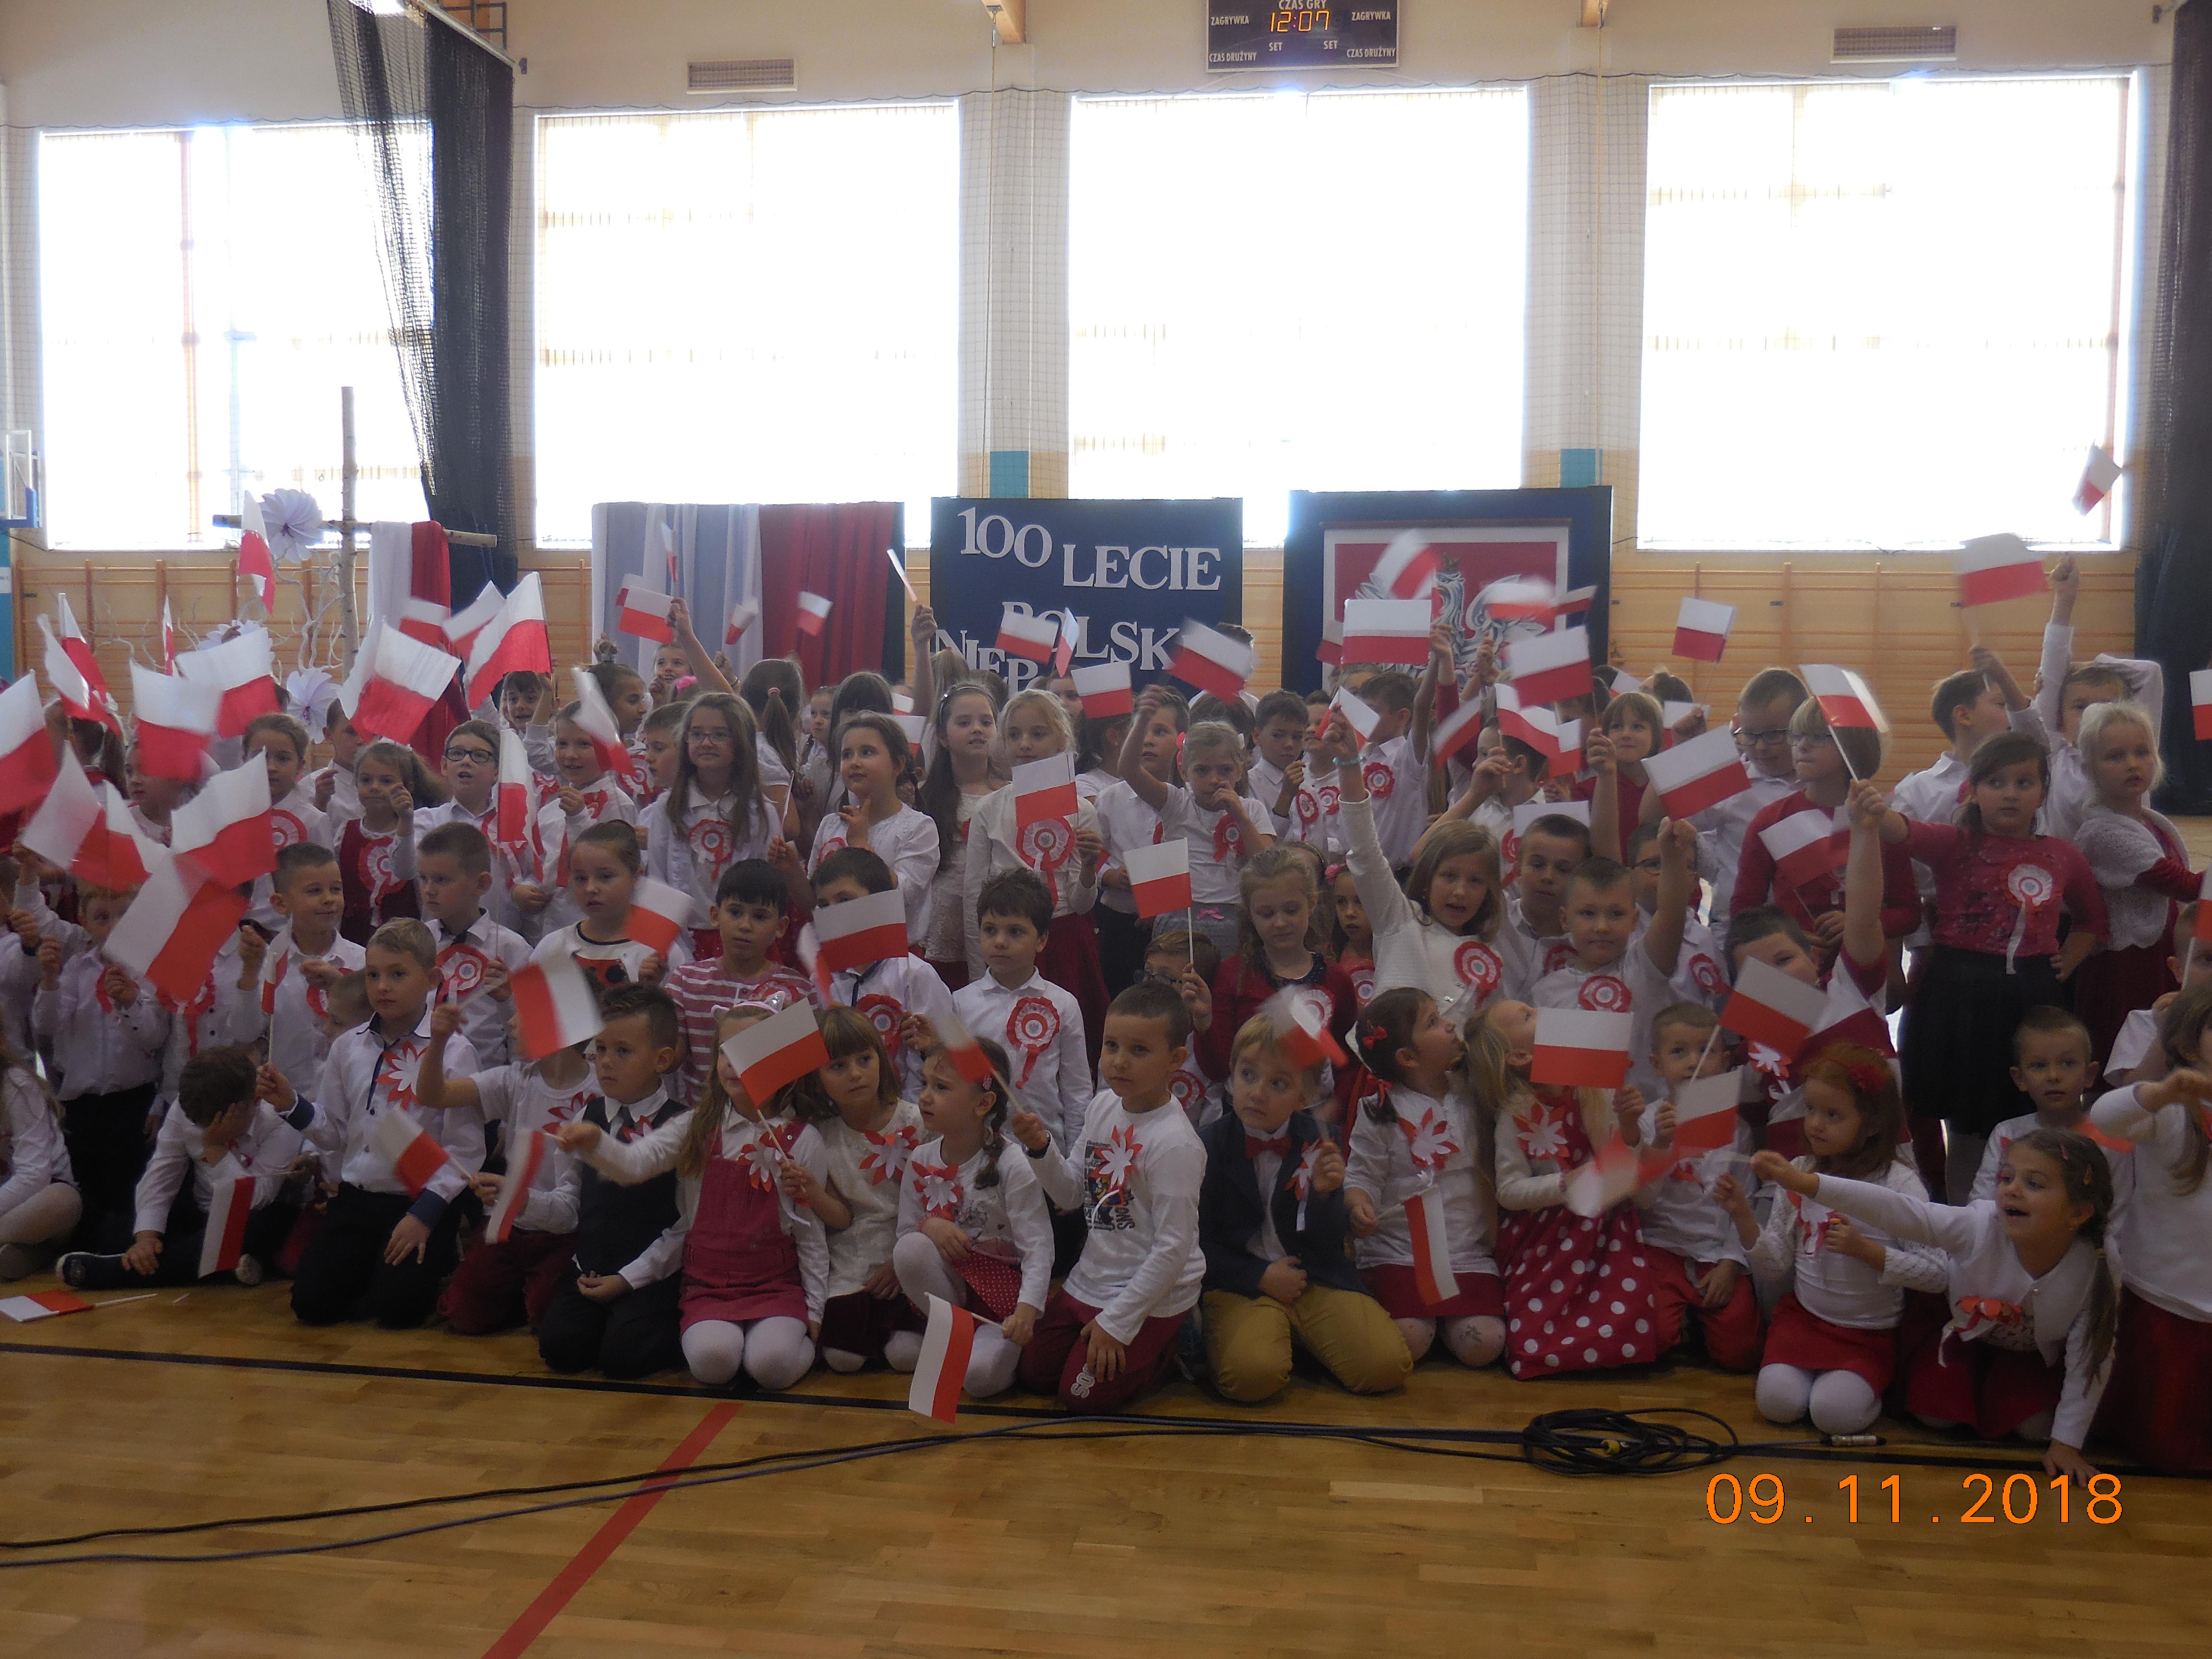 W szkole w Cmolasie także świętowali obchody niepodległości. Zobaczcie zdjęcia - Zdjęcie główne